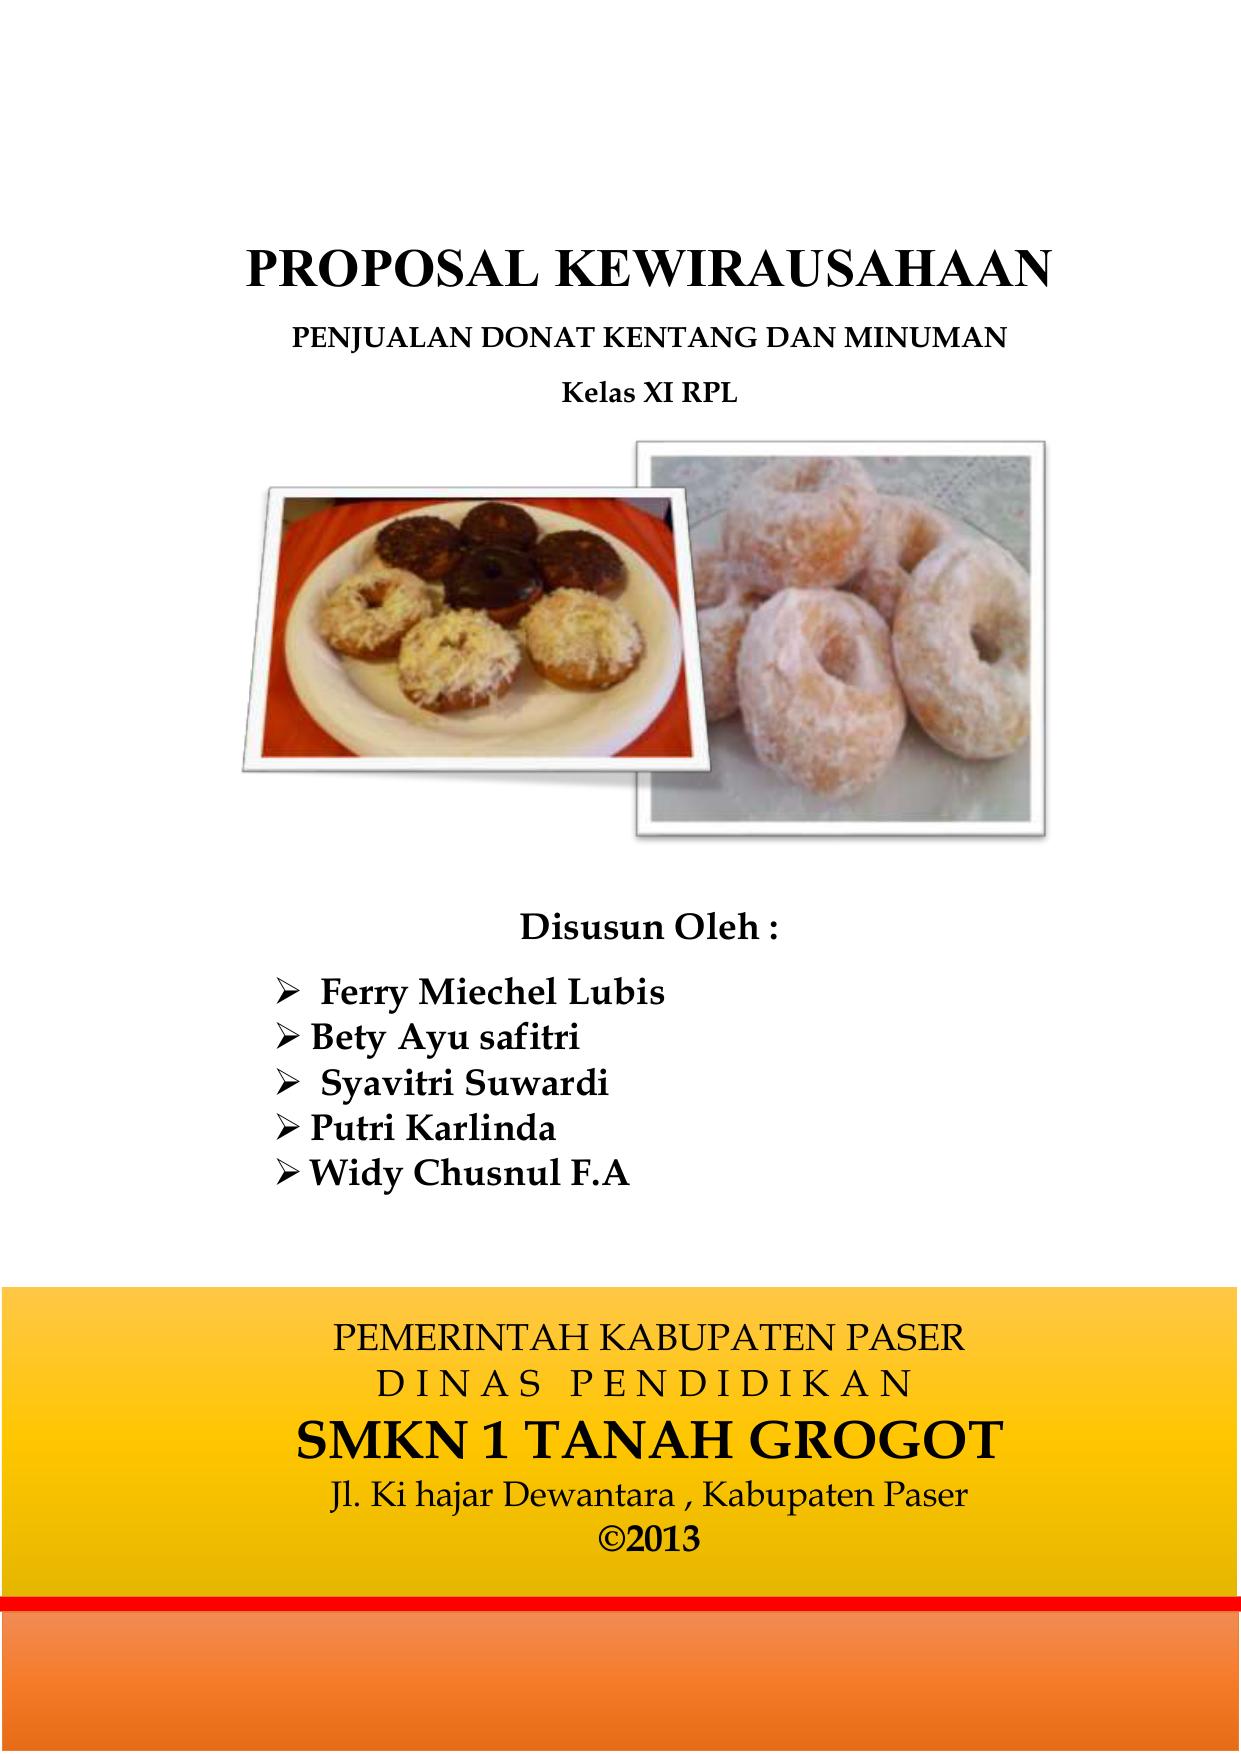 Proposal Kewirausahaan Penjualan Donat